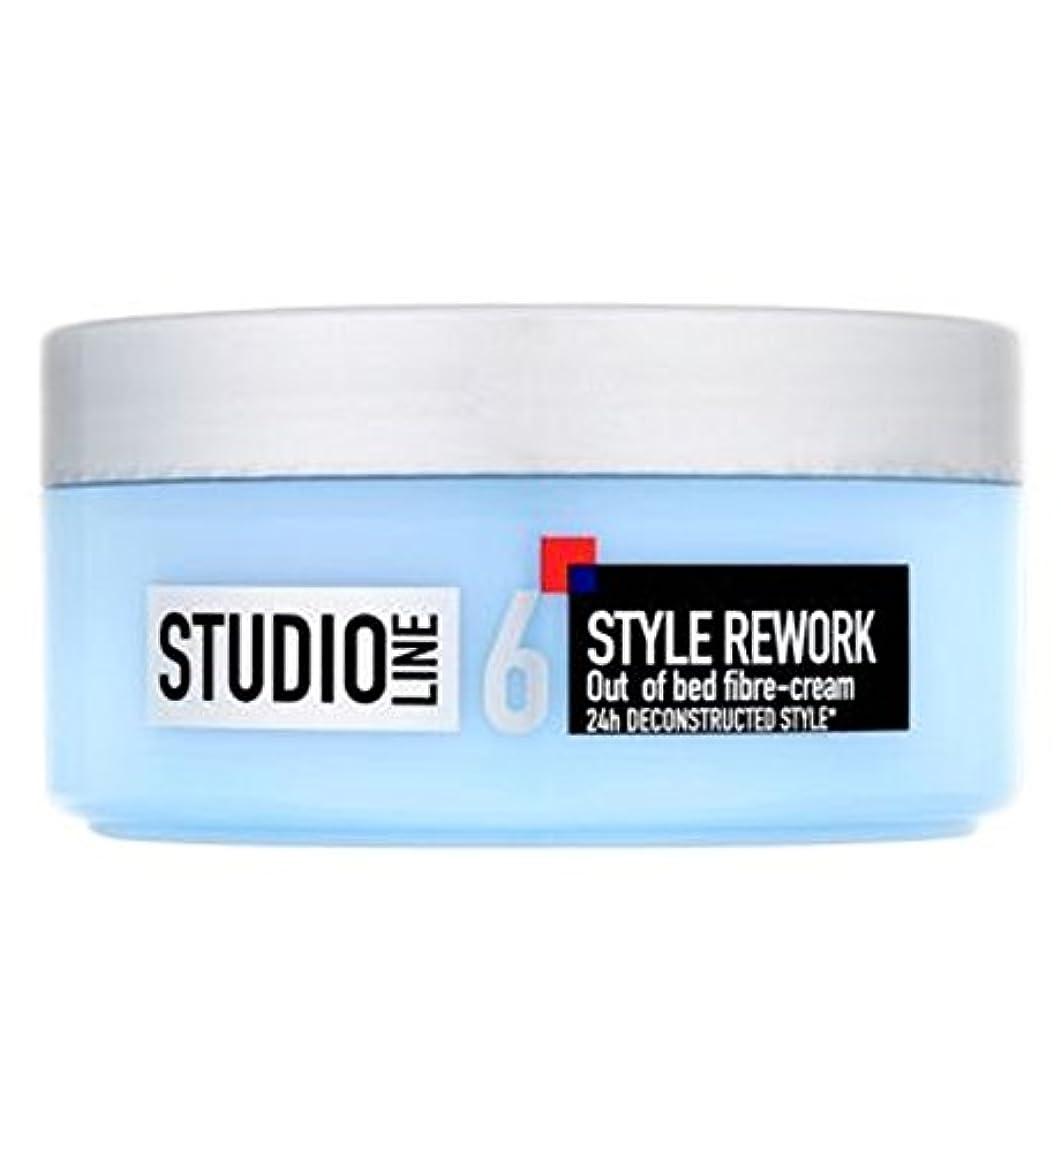 アセンブリそれに応じて率直なベッドファイバークリーム150ミリリットルのうちL'Oreallスタジオ線スタイルリワーク (L'Oreal) (x2) - L'Oreall Studio Line Style Rework Out of Bed Fibre-Cream...